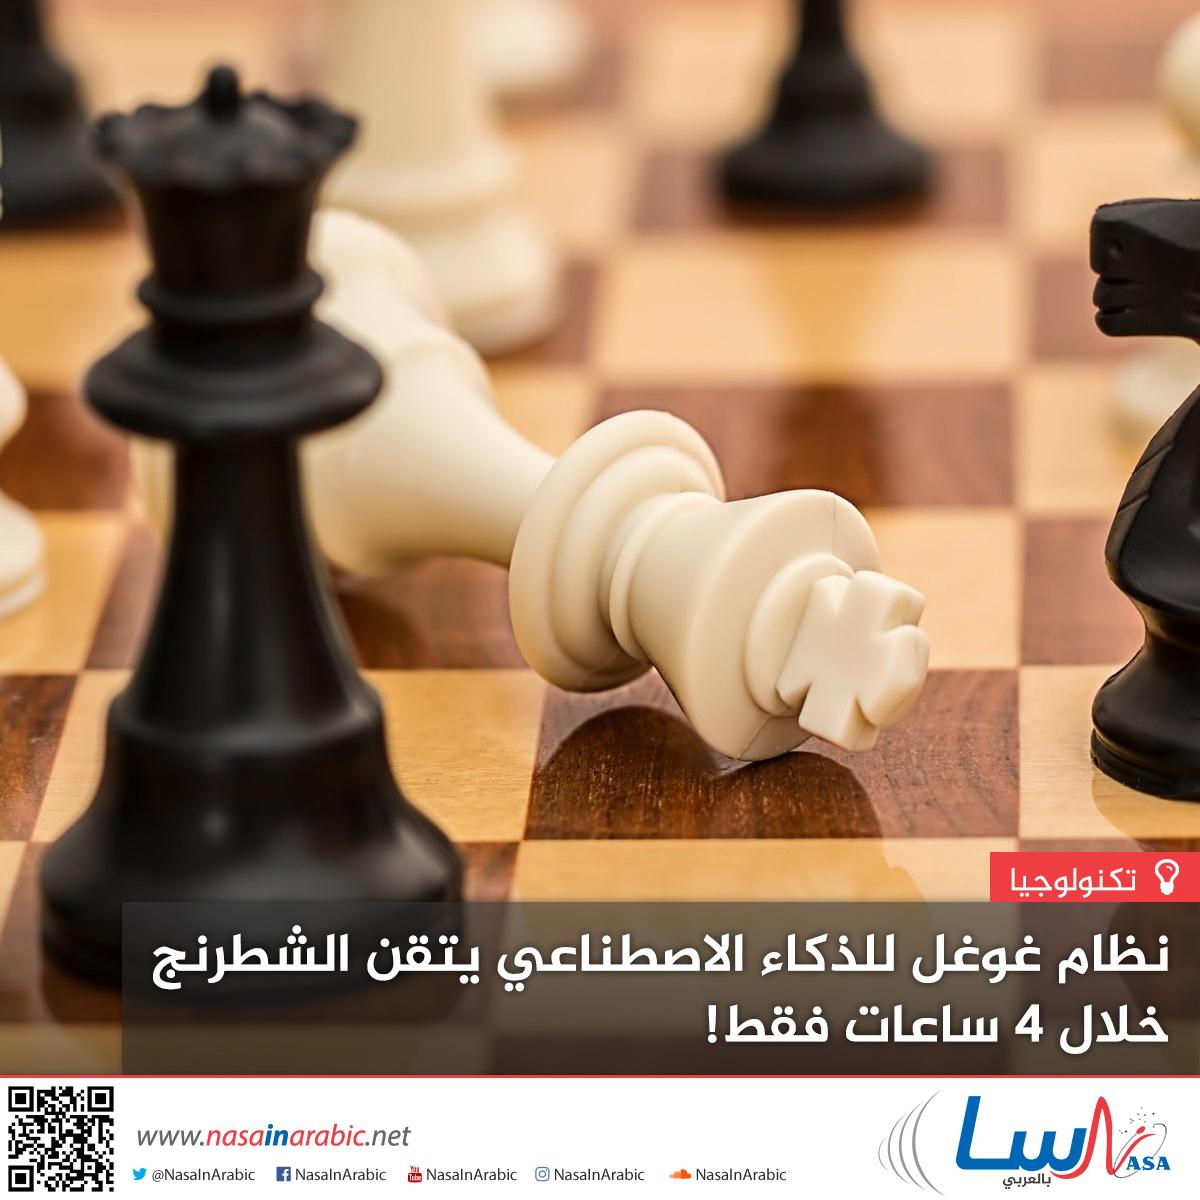 نظام غوغل للذكاء الاصطناعي يتقن الشطرنج خلال أربع ساعات فقط!